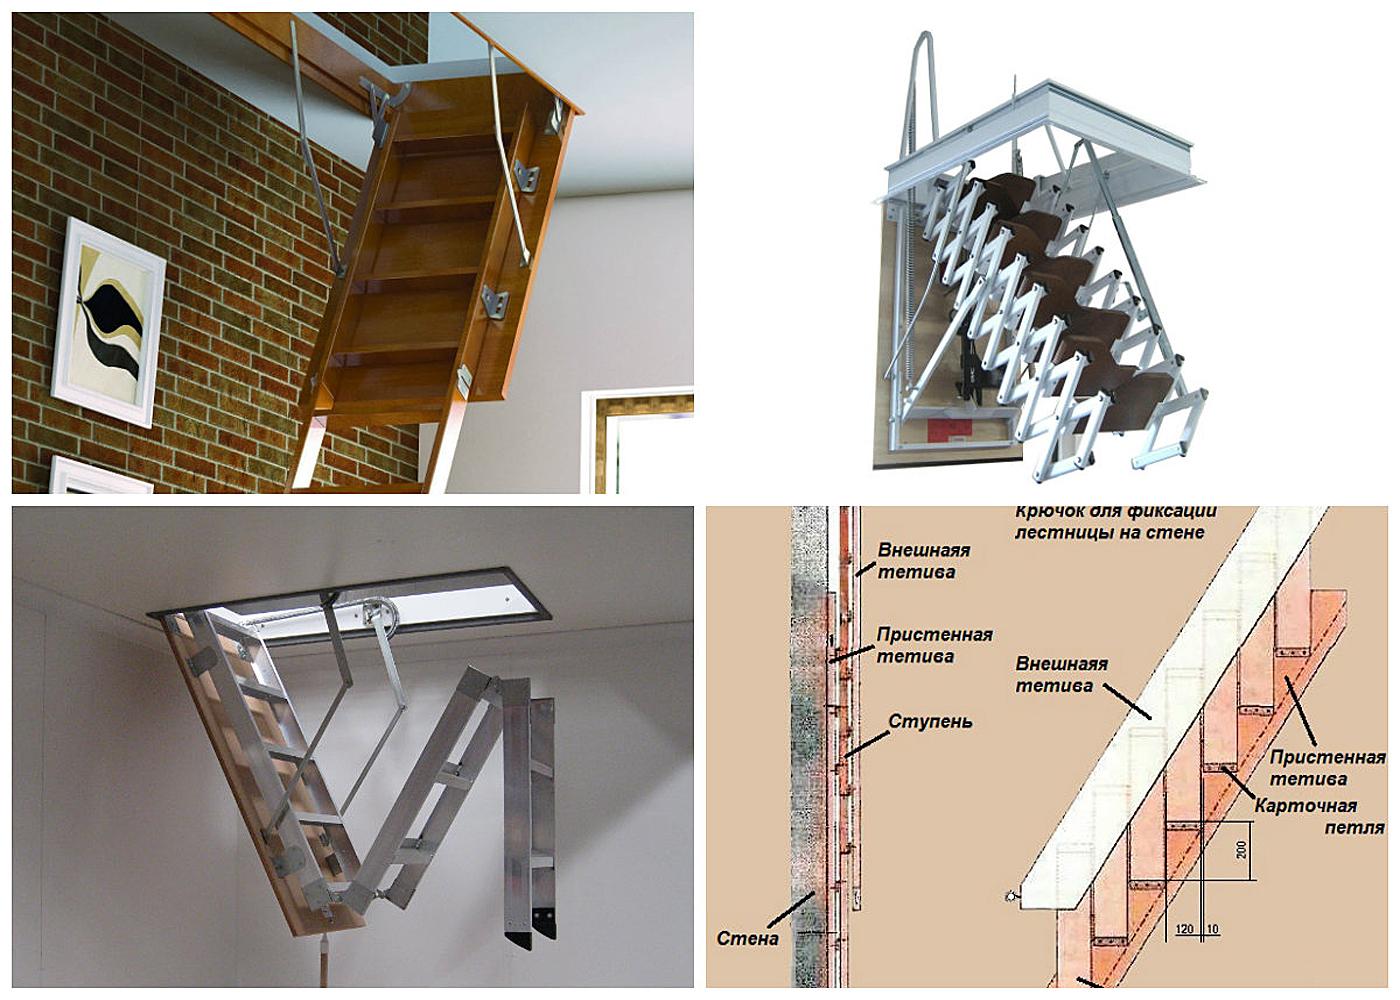 Заказать чердачные лестницы по выгодным ценам в Феодосии предлагает компания «Завод кровельных материалов»